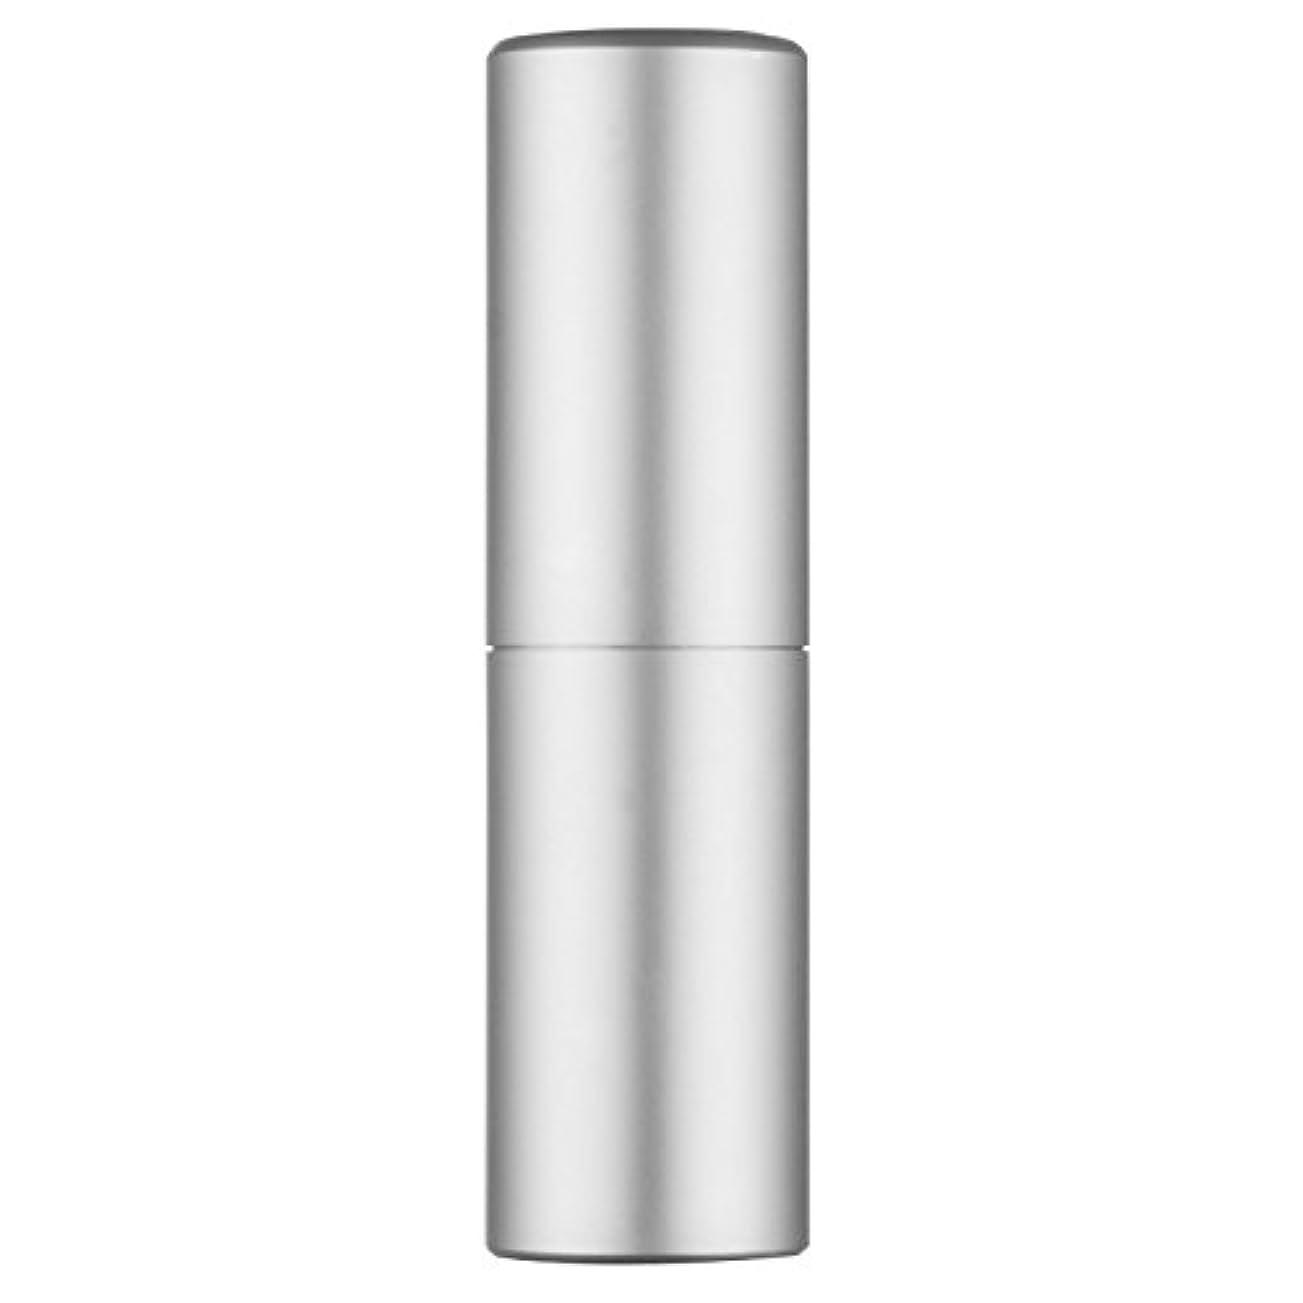 代表する海峡寺院香水アトマイザー Faireach レディース スプレーボトル 香水噴霧器 旅行携帯便利 詰め替え容器 20ml (シルバー)